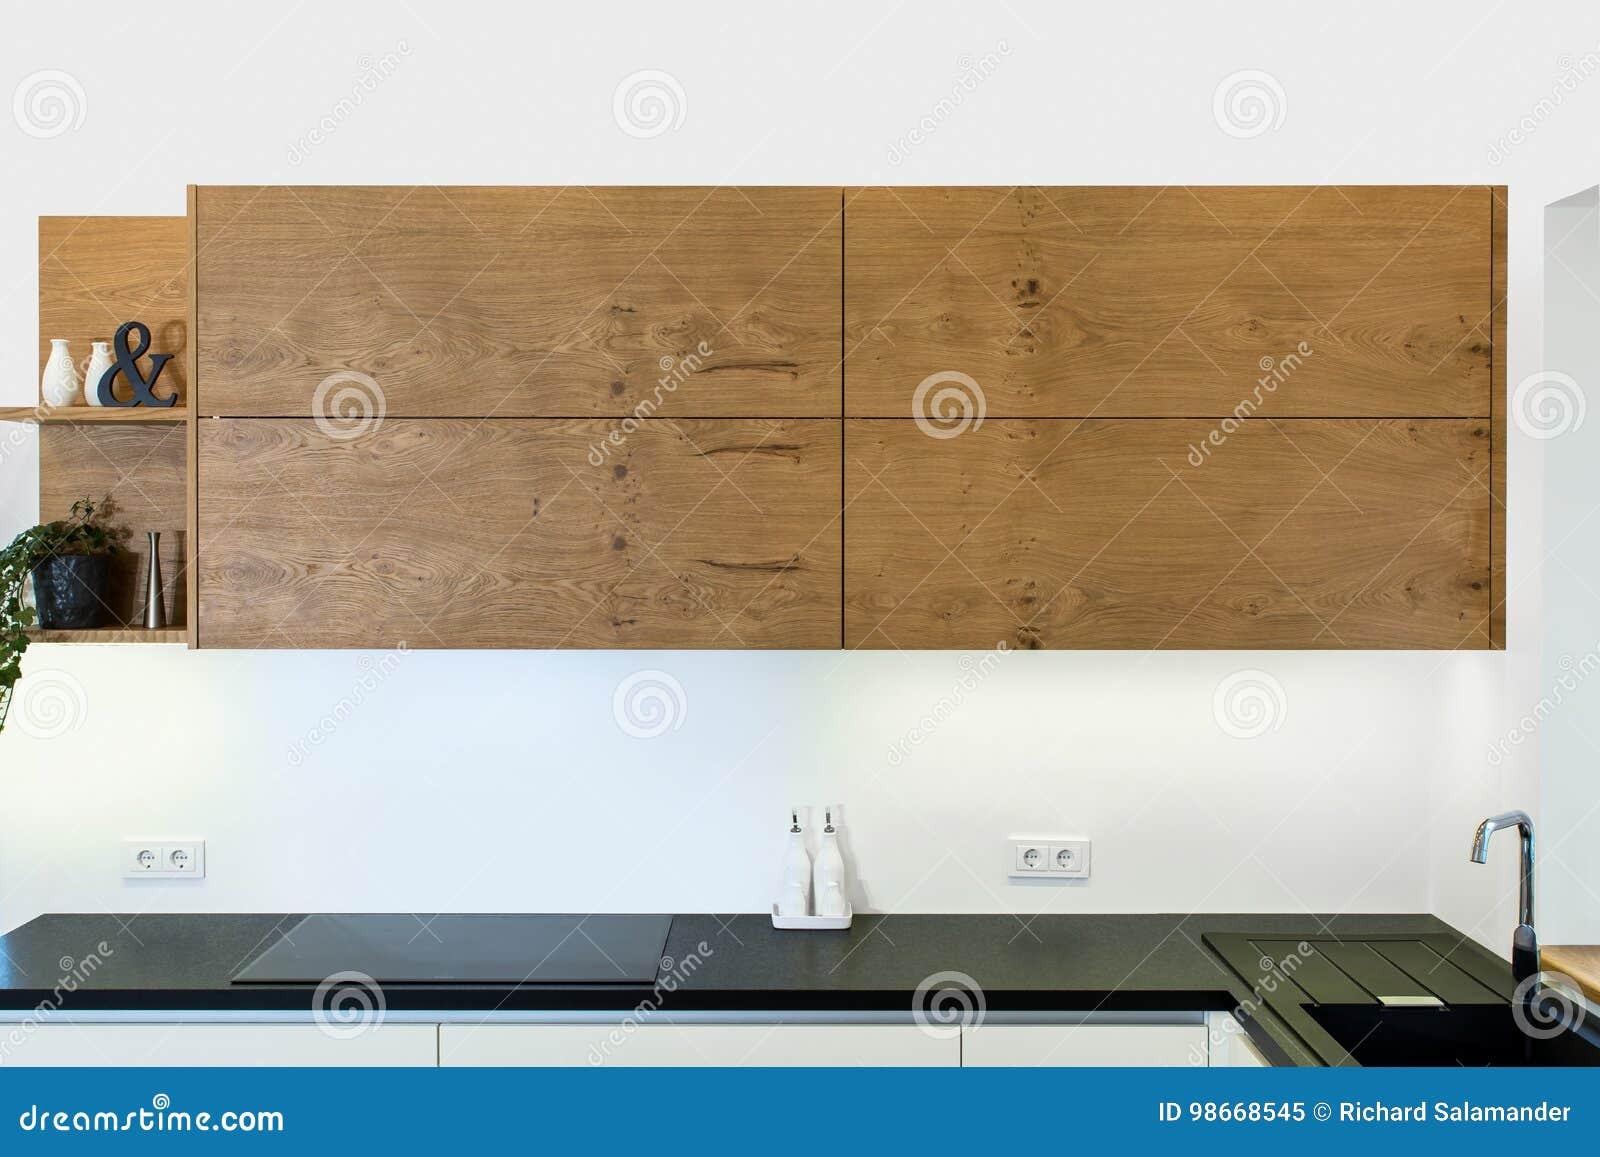 ec8094833e9798 Modernes Küchendesign Im Hellen Innenraum Mit Hölzernen Akzenten ...